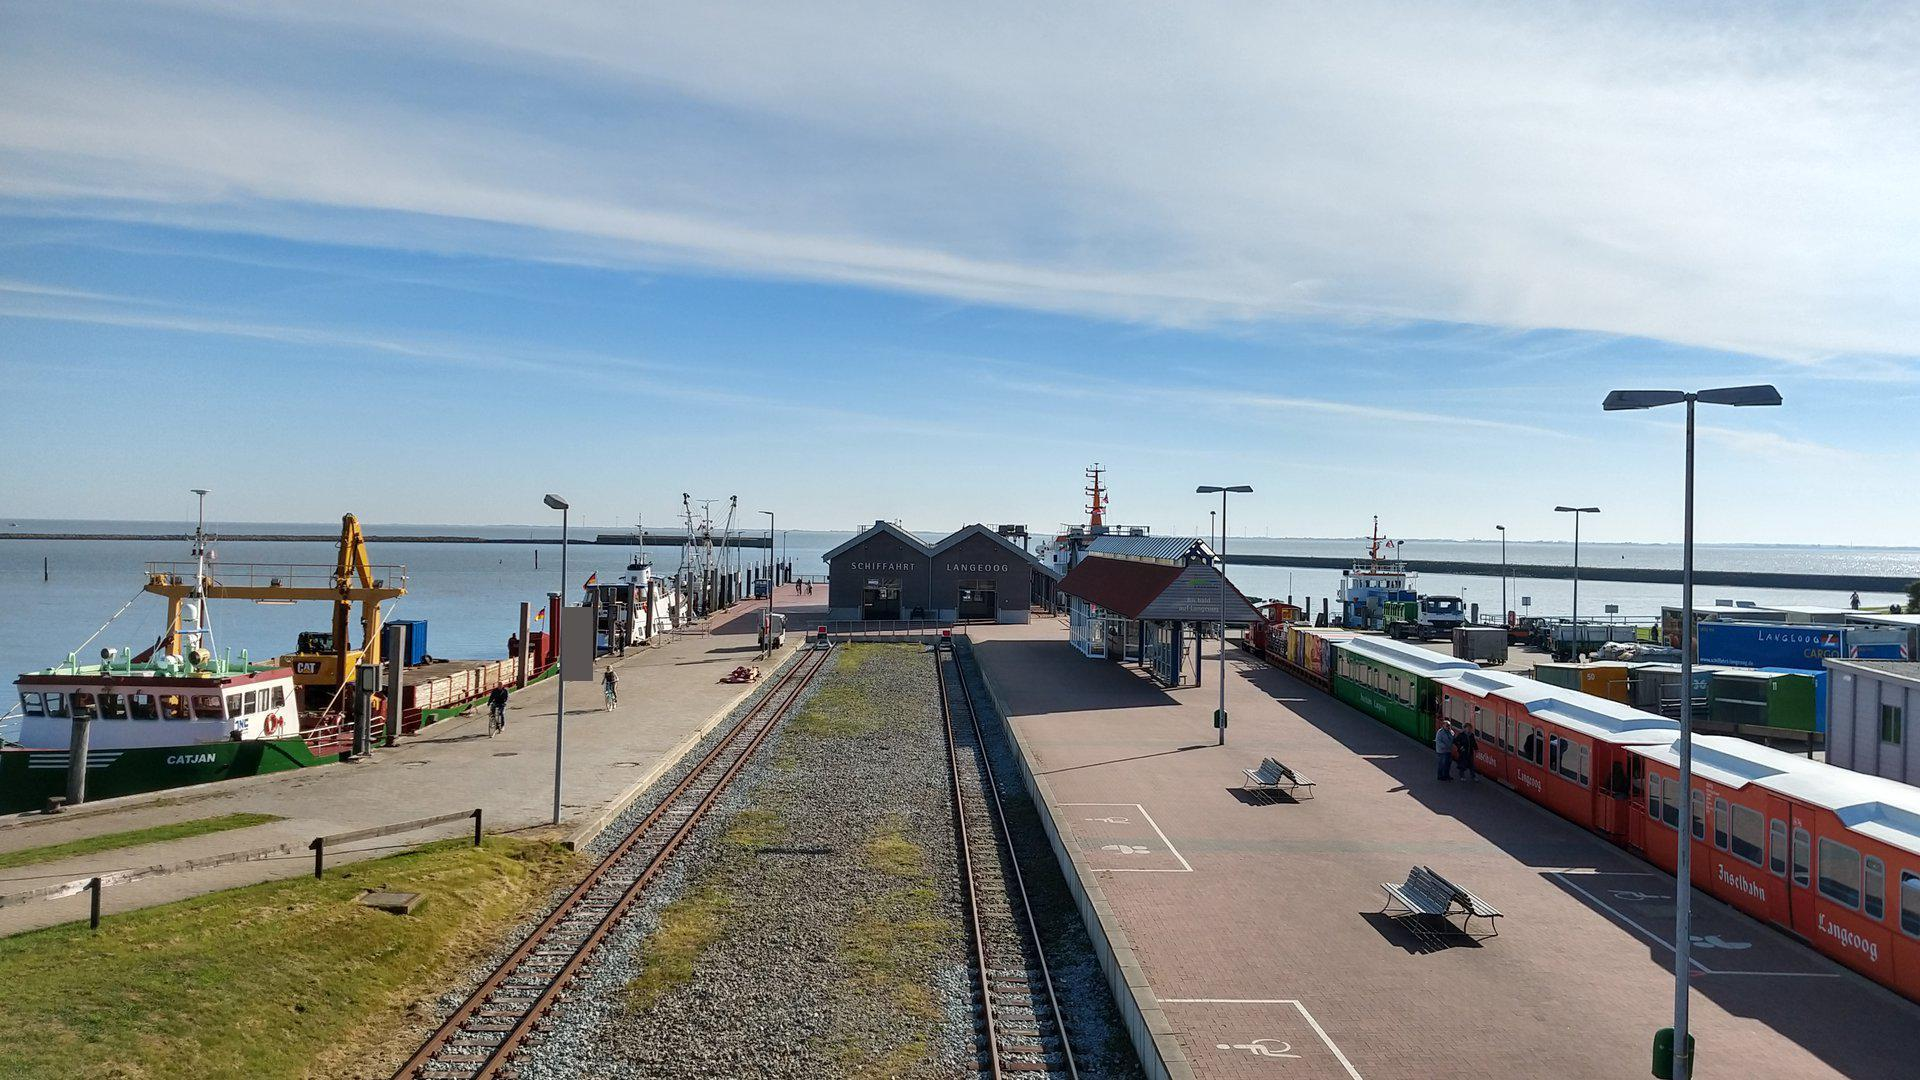 Langeoog Hafen